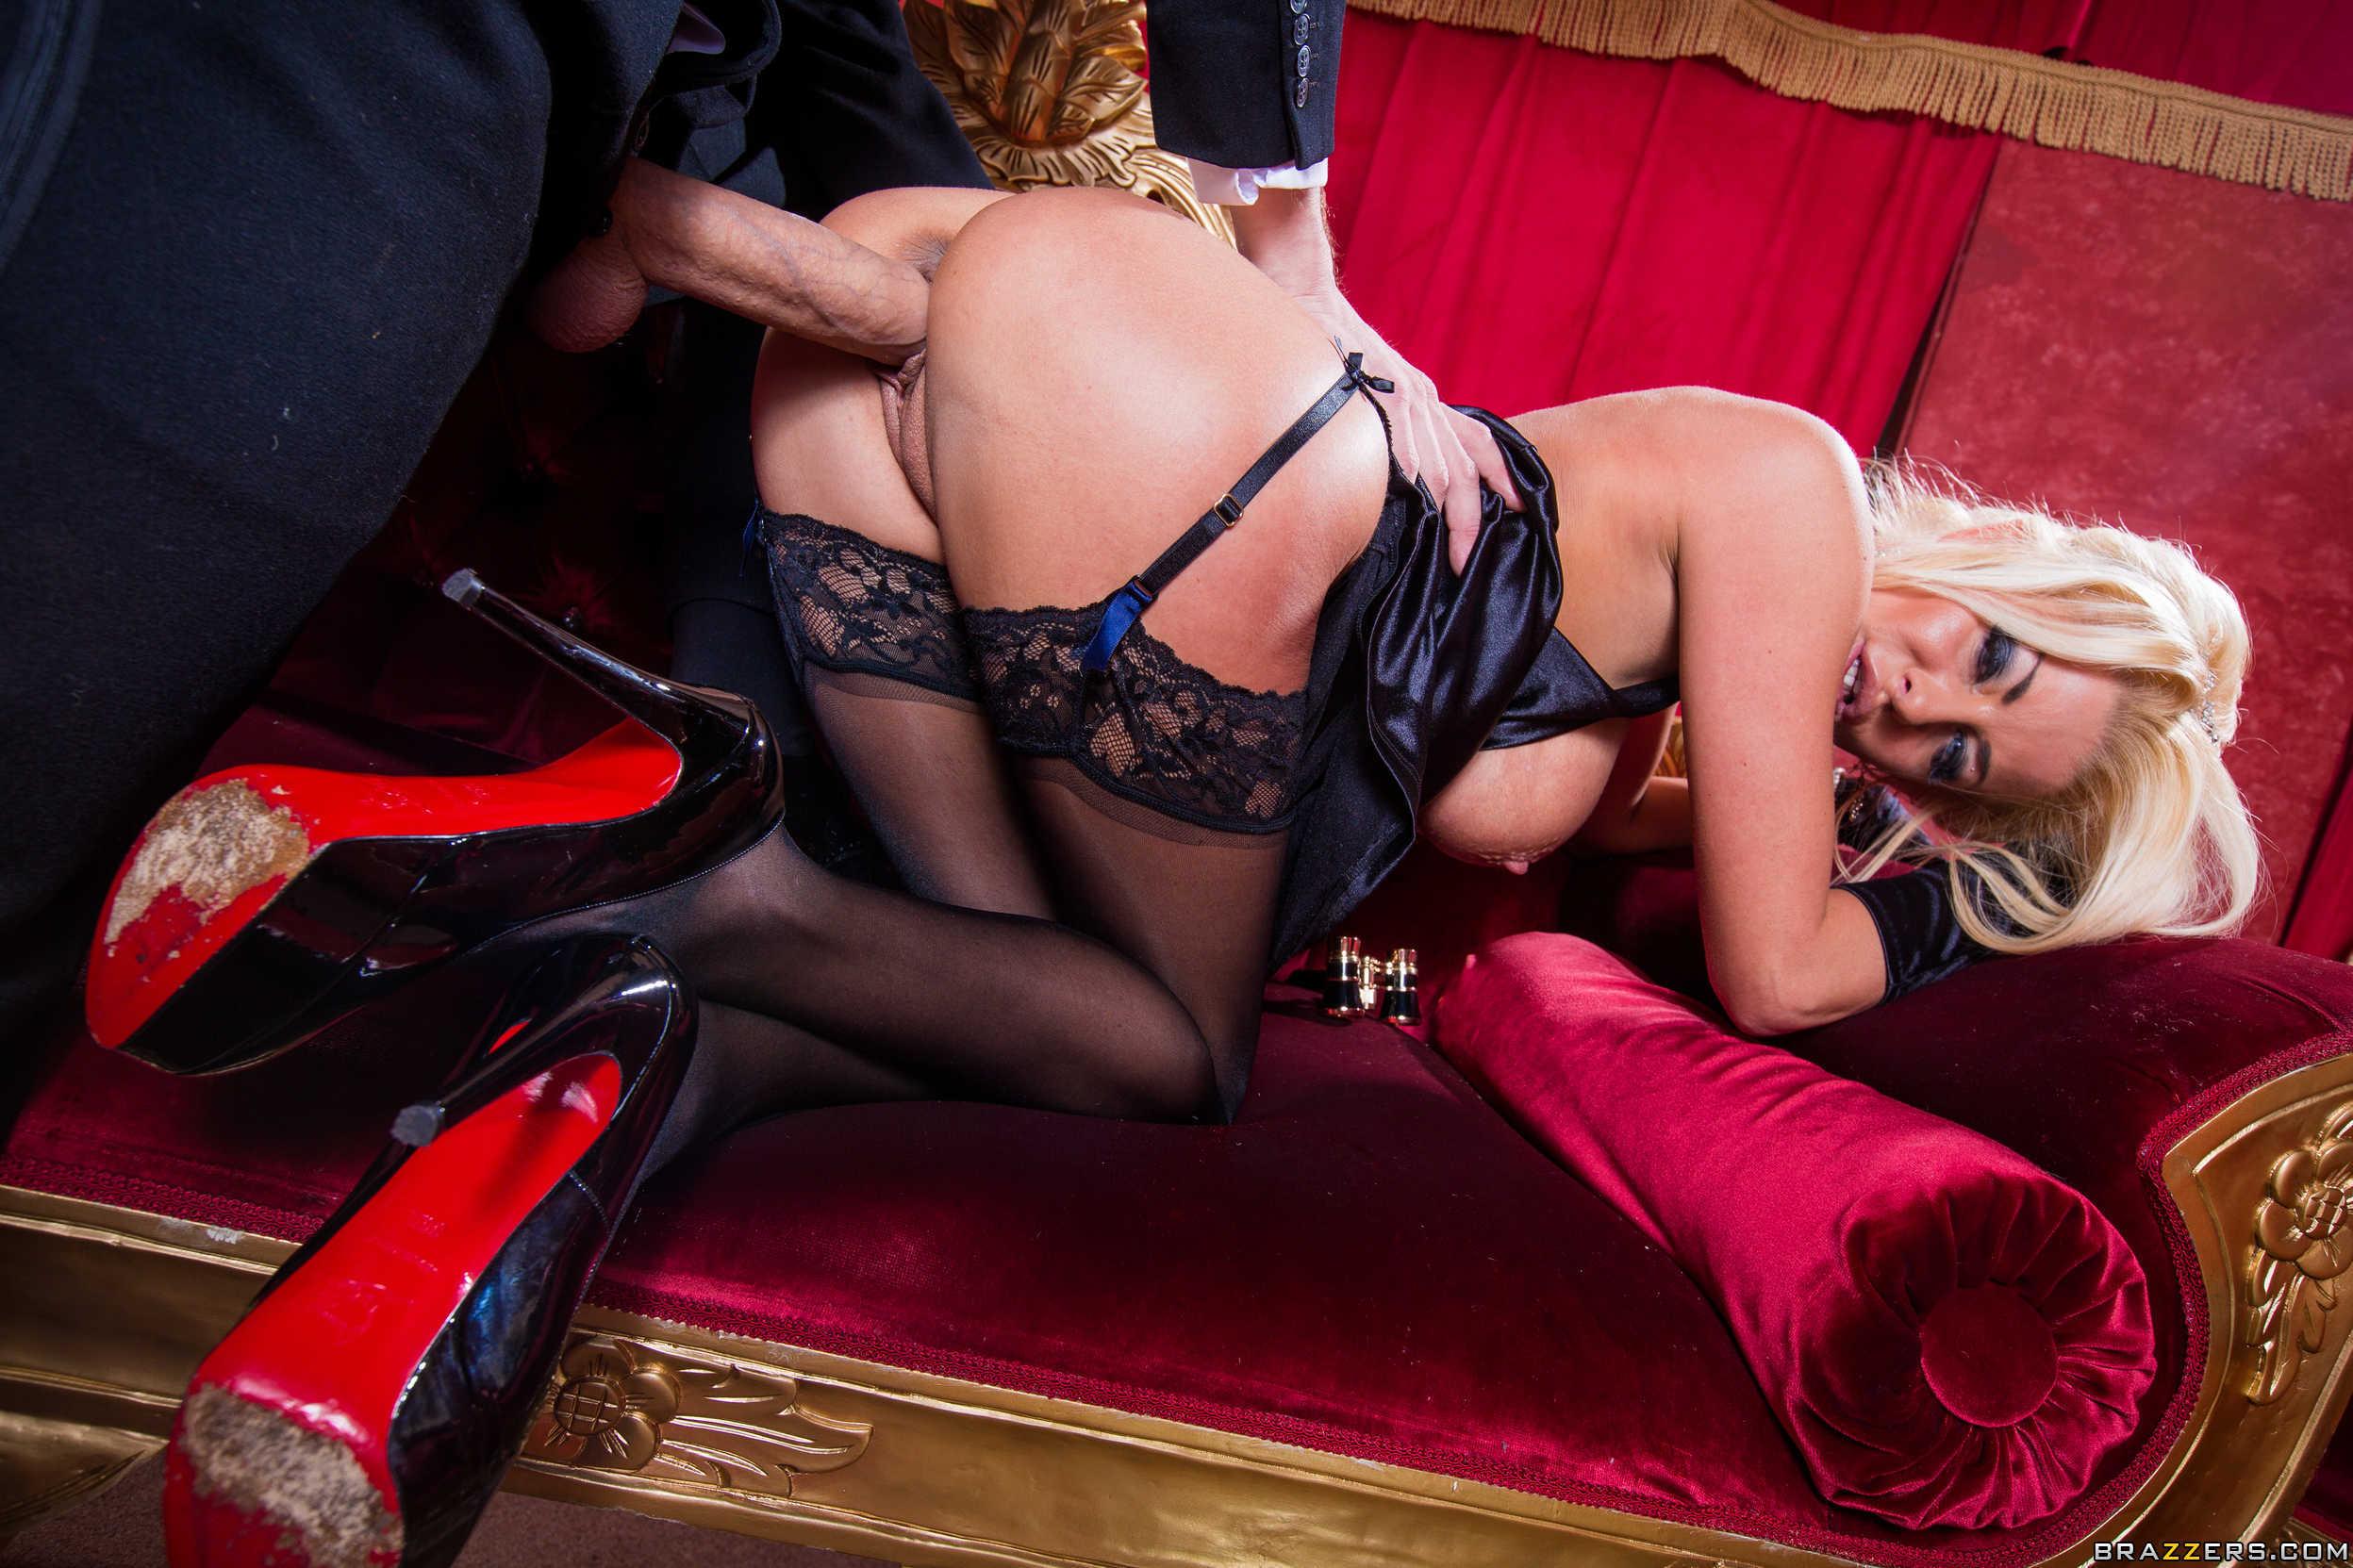 Смотреть порно гламурных женщин в чулках, Трах с гламурной блондинкой в чулках порно видео 9 фотография